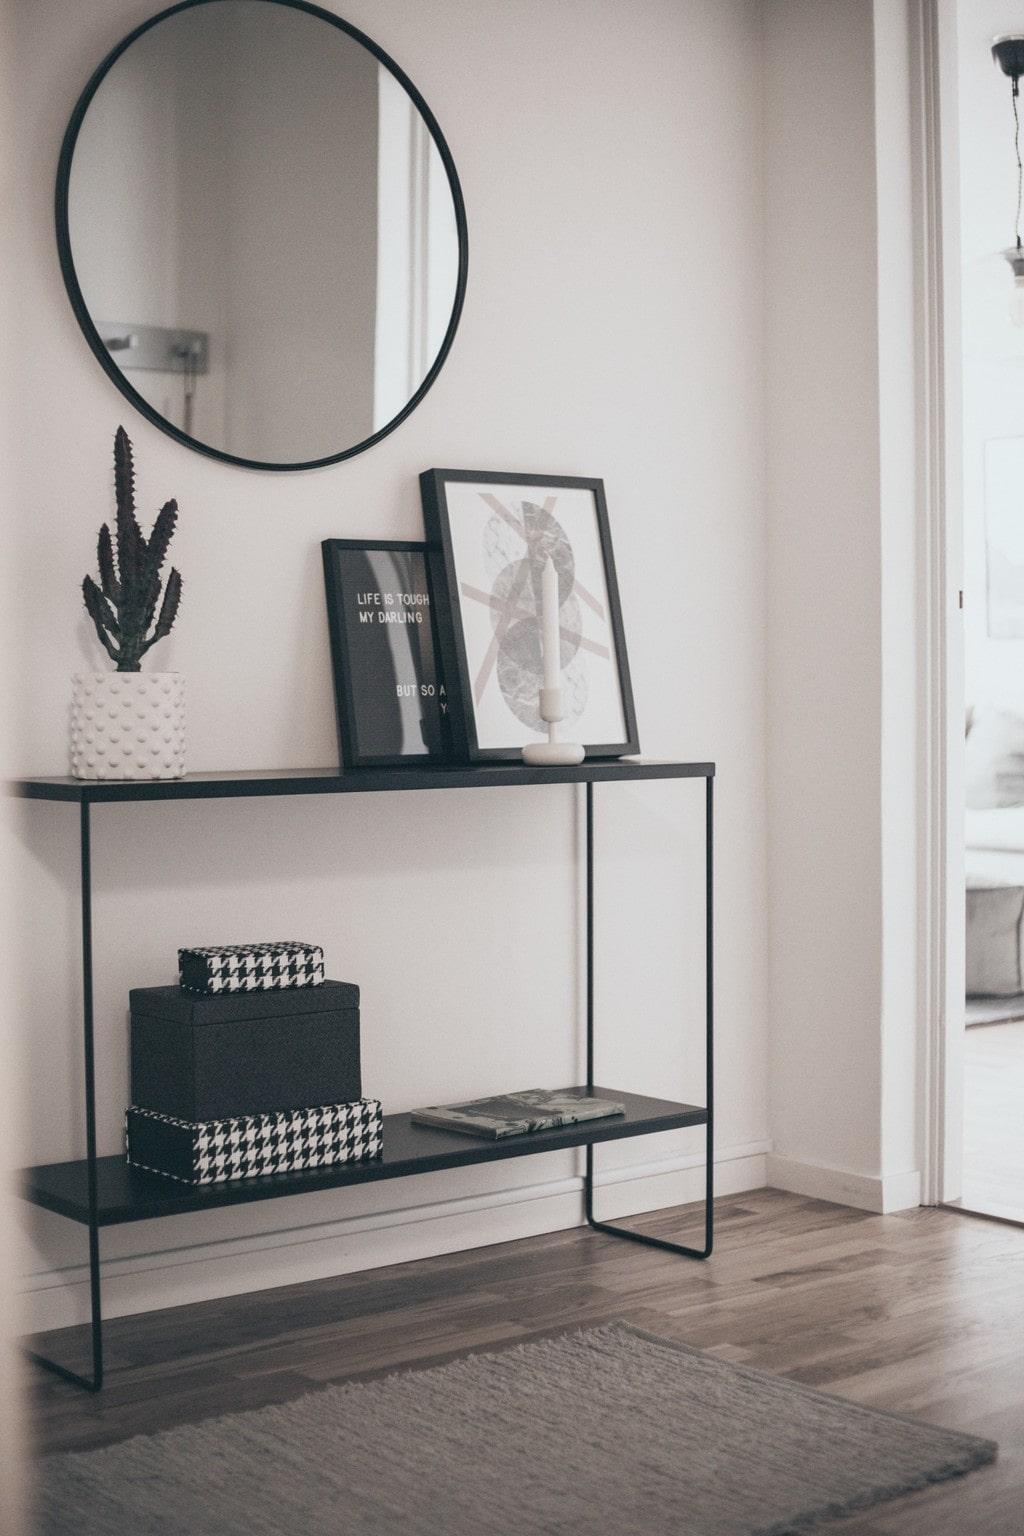 svart sideboard med en rund spegel ovanför